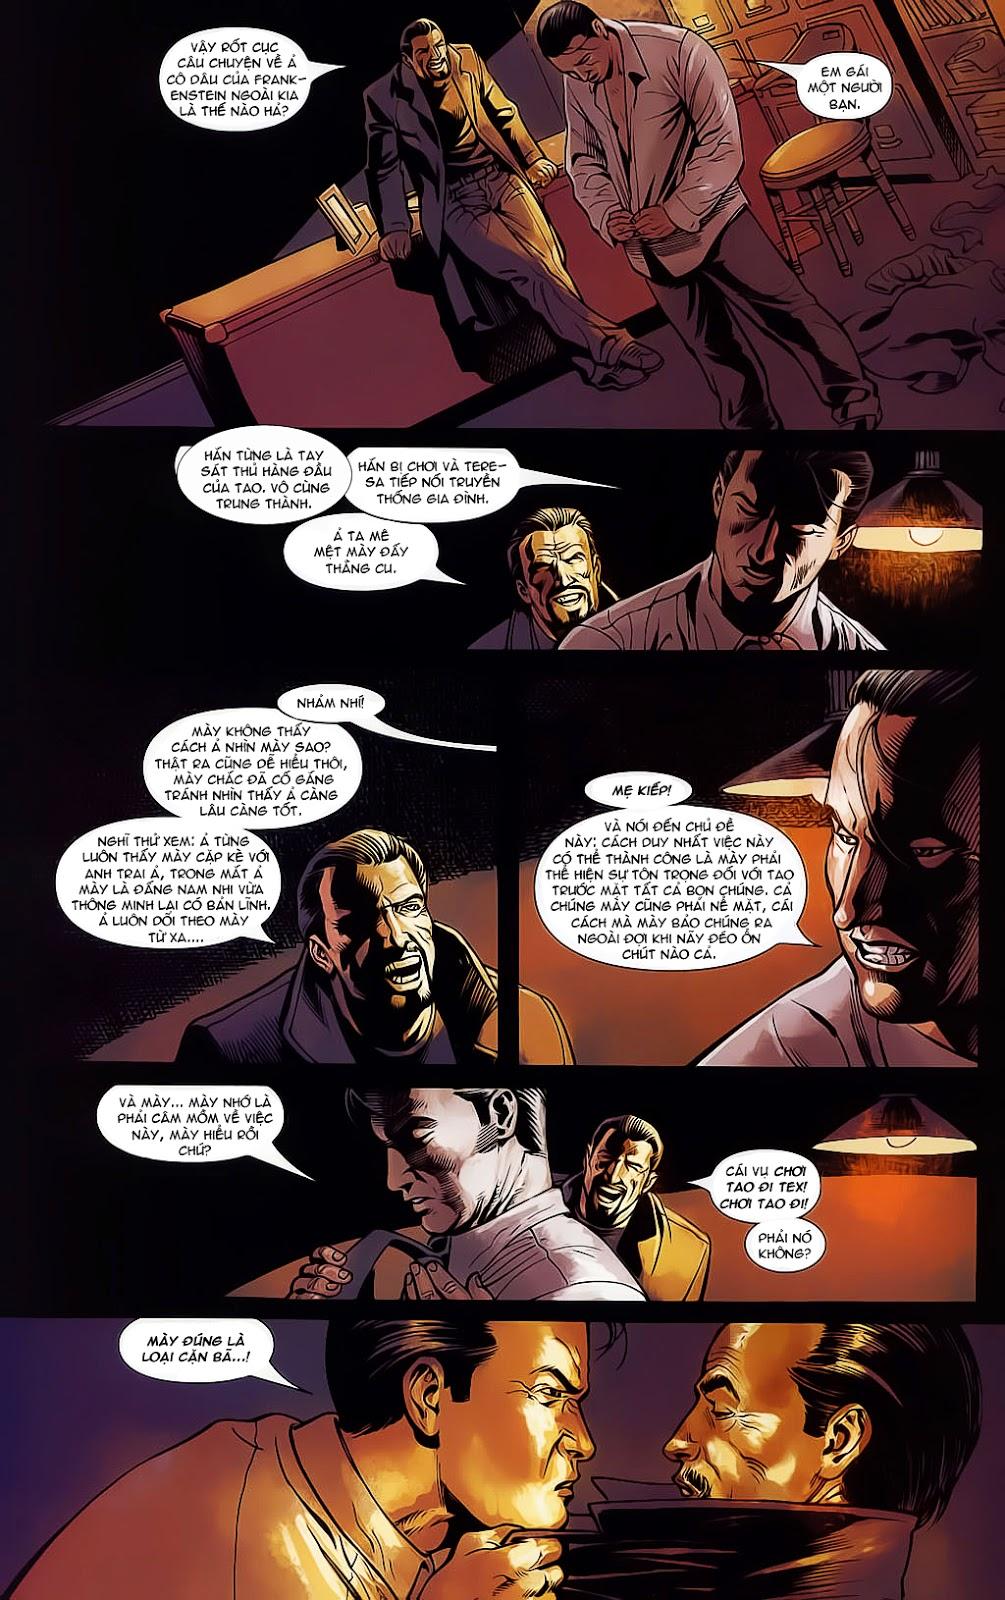 The Punisher: Trên là Dưới & Trắng là Đen chap 4 - Trang 16